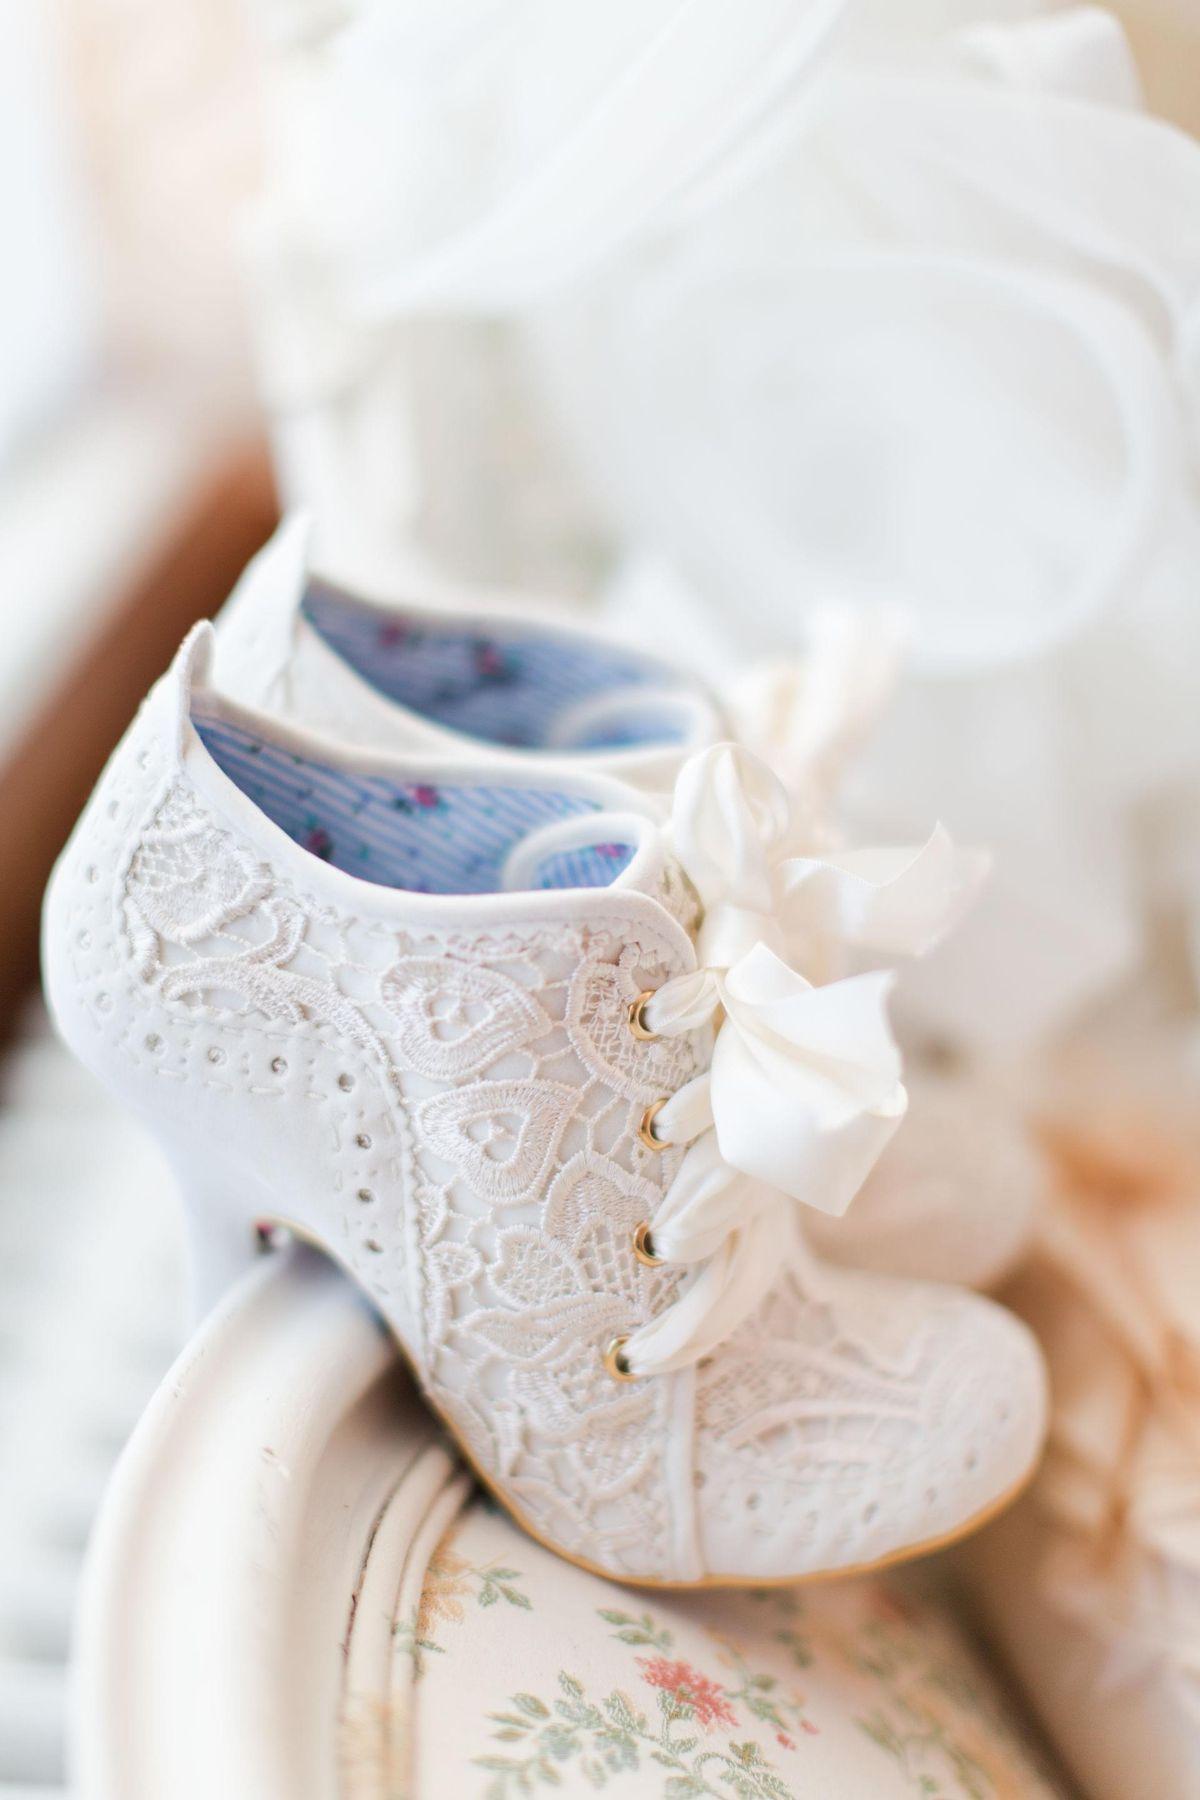 Hochzeit Winter Kleidung 15 Beste Outfits Hochzeitskleider Damenmode De Winter Hochzeit Schuhe Hochzeitsschuhe Bequem Schuhe Hochzeit